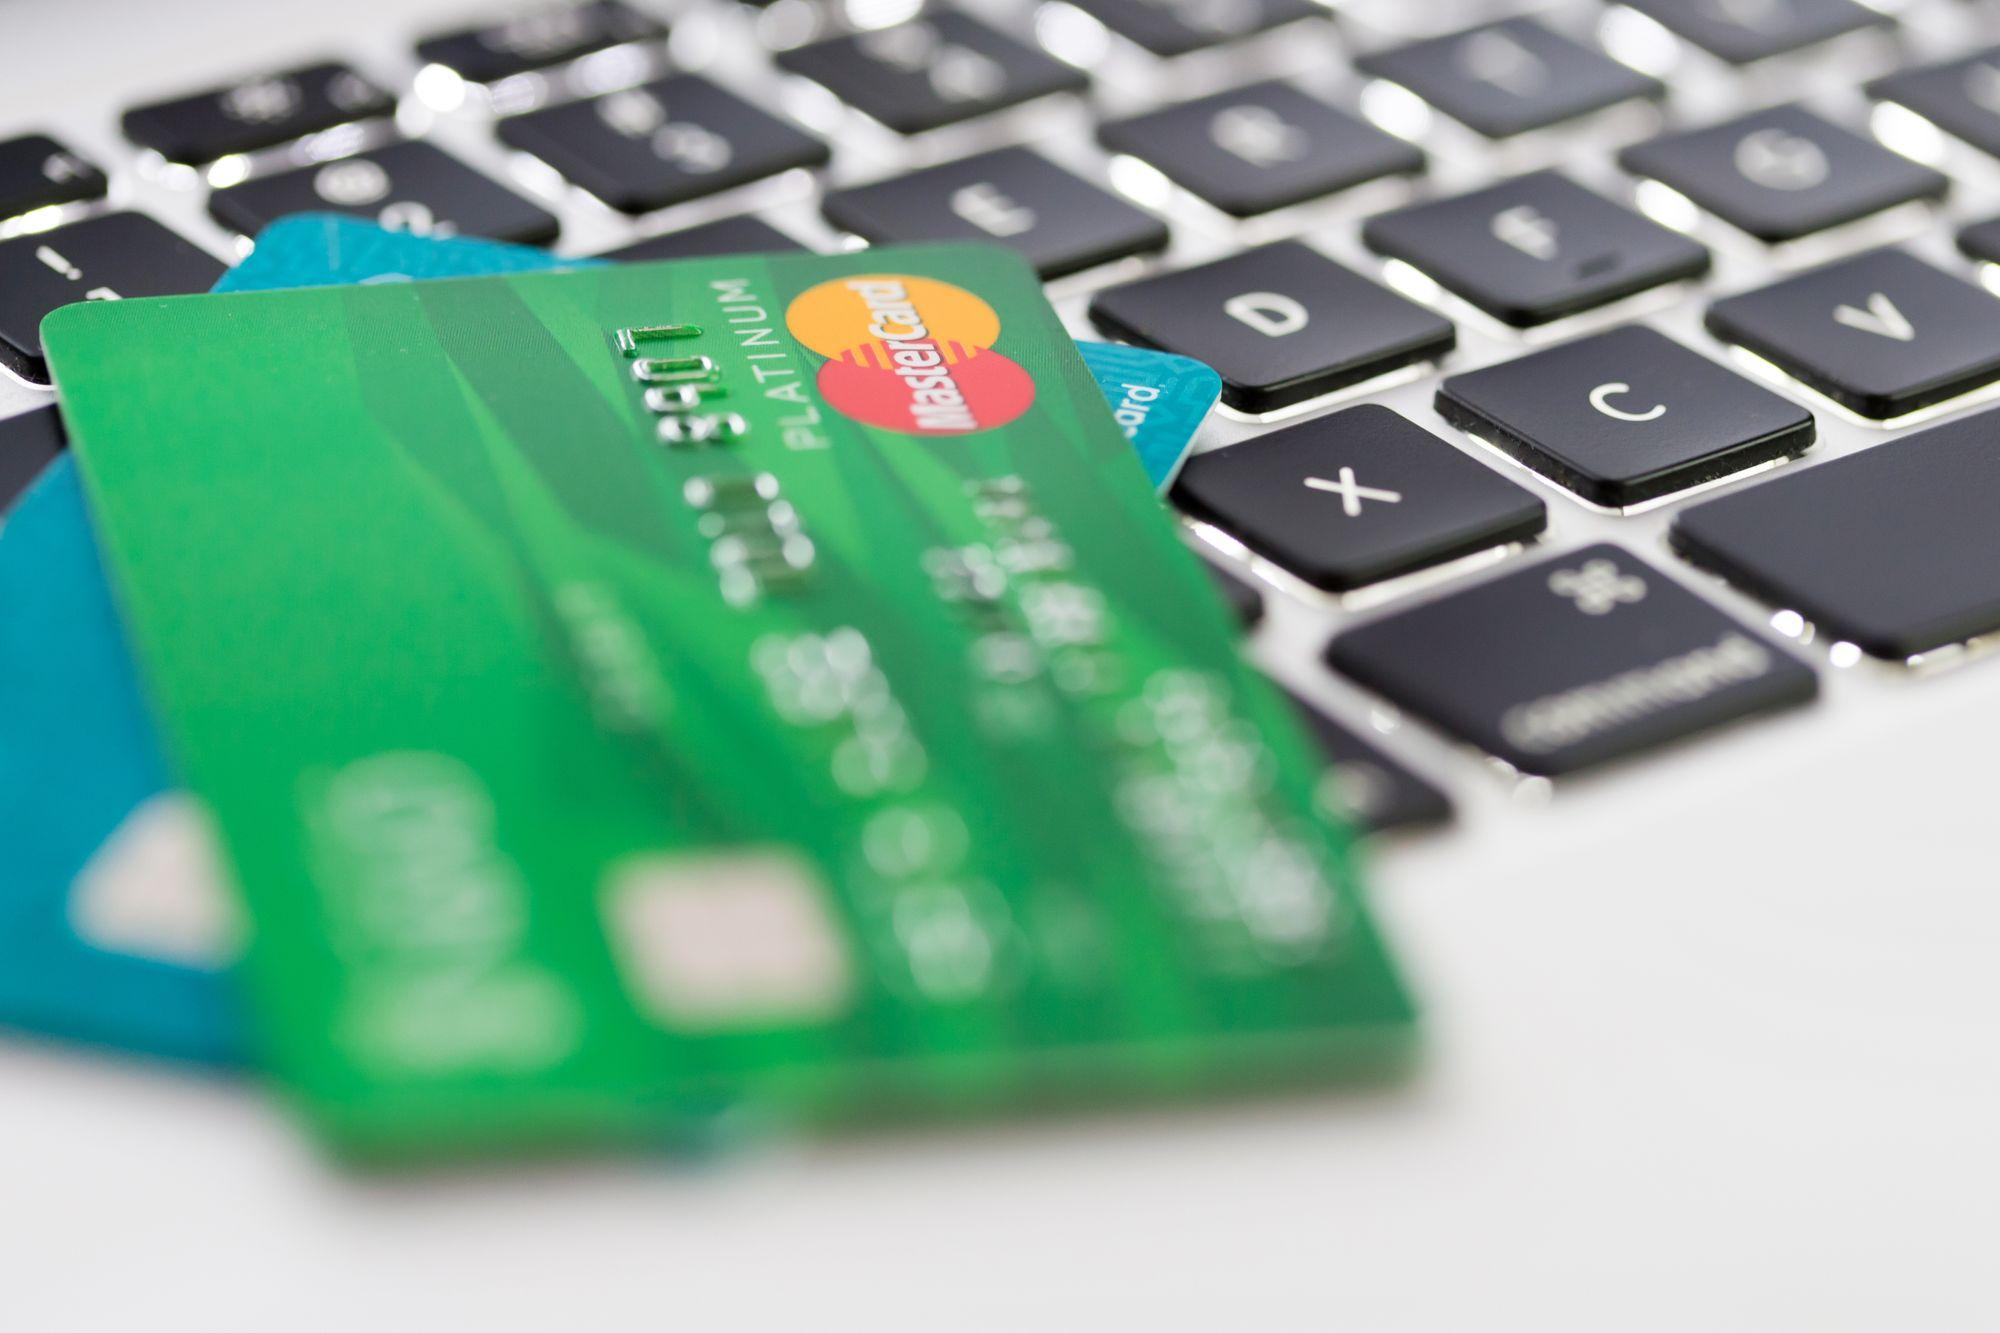 como-pagar-deudas-de-tarjeta-de-credito